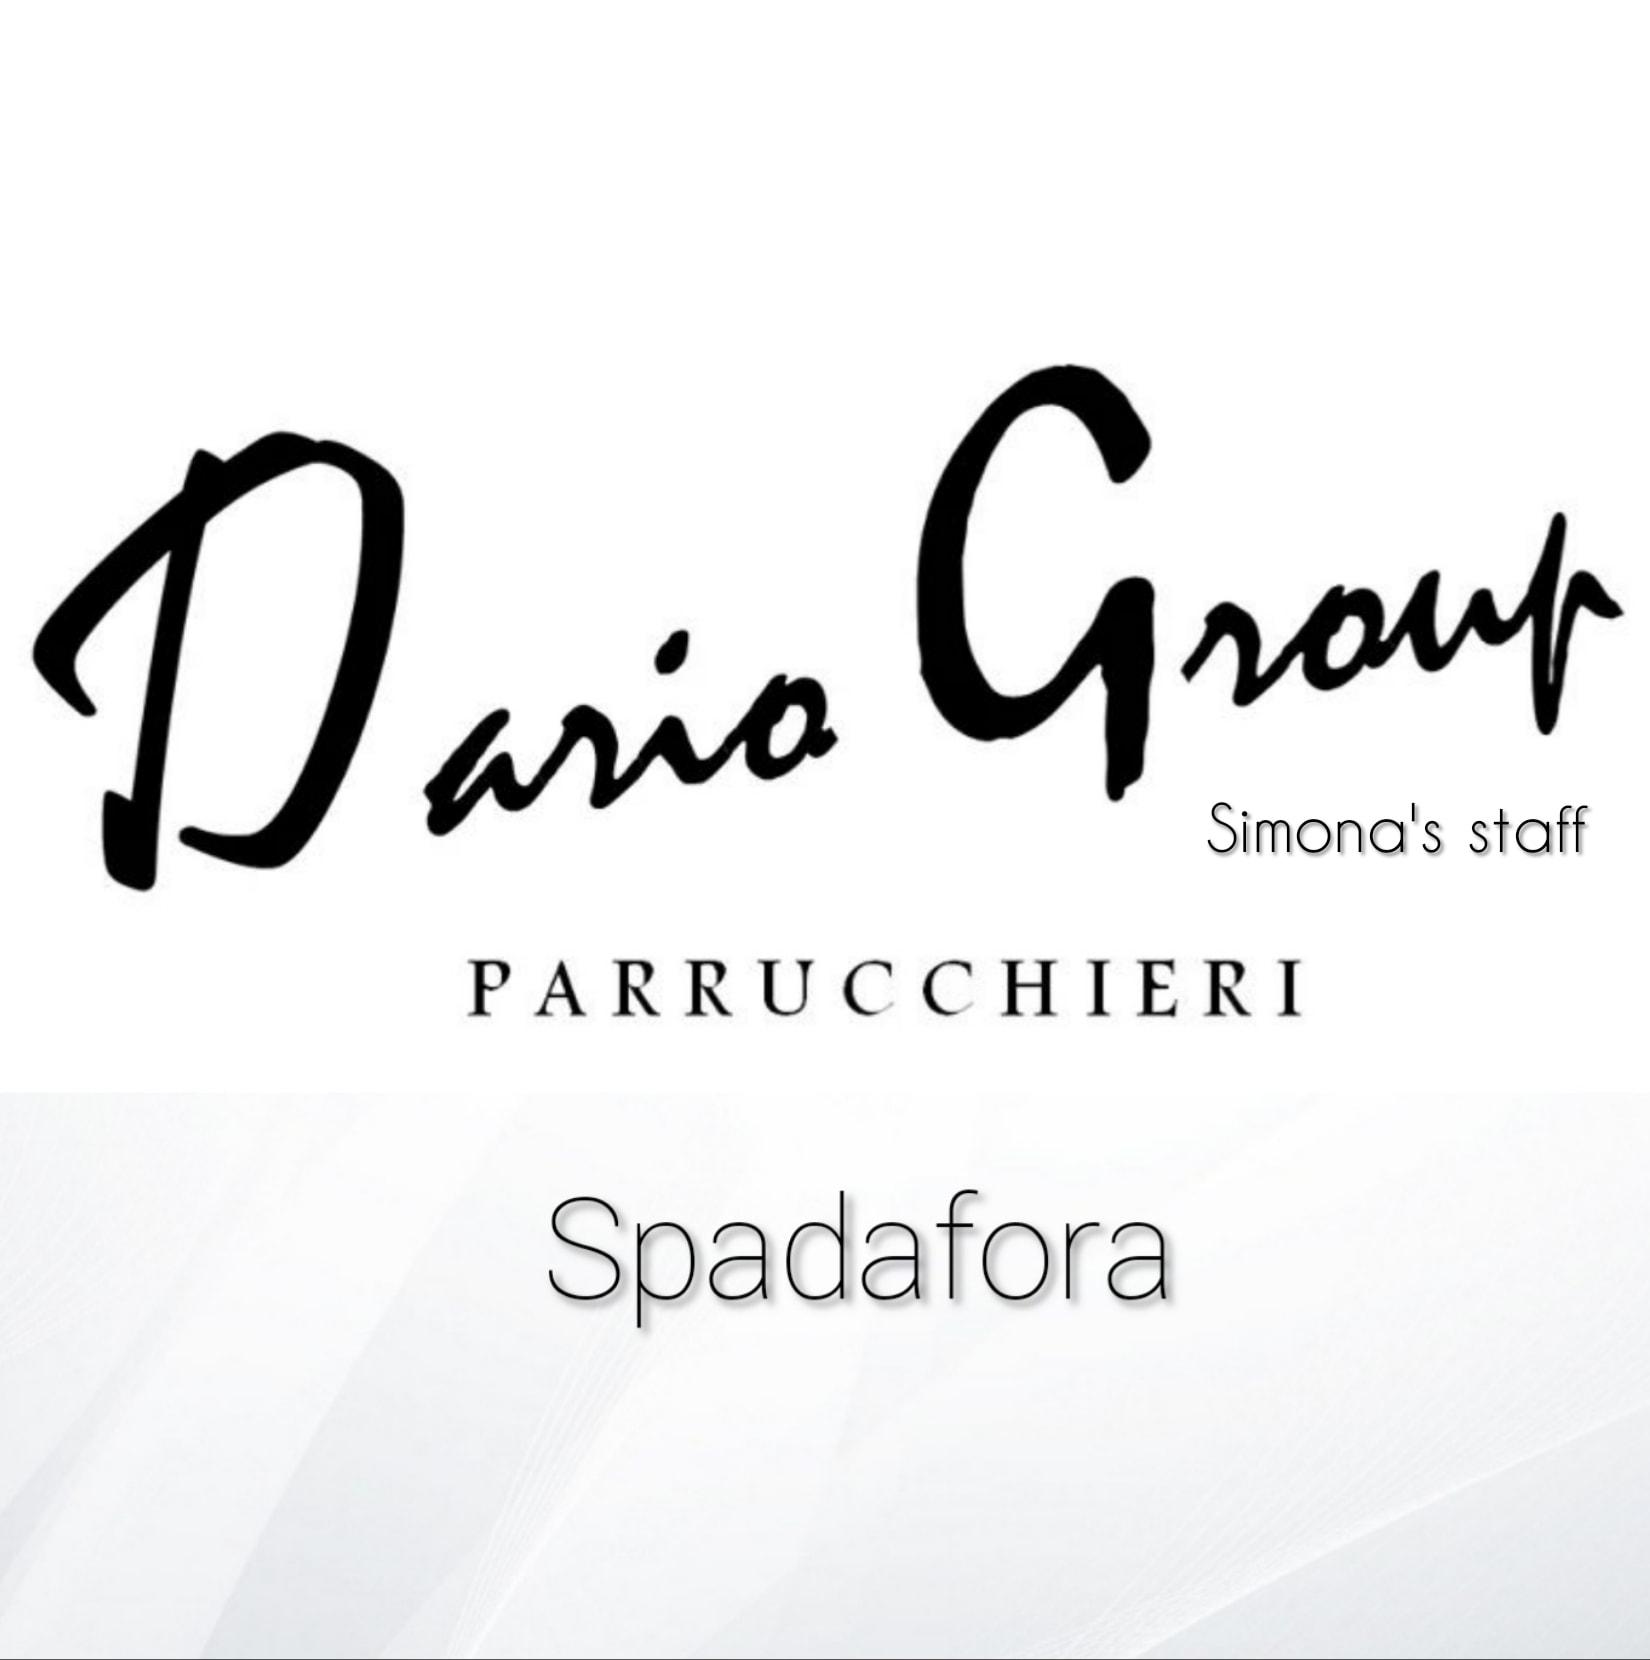 Dario Group Parrucchieri image